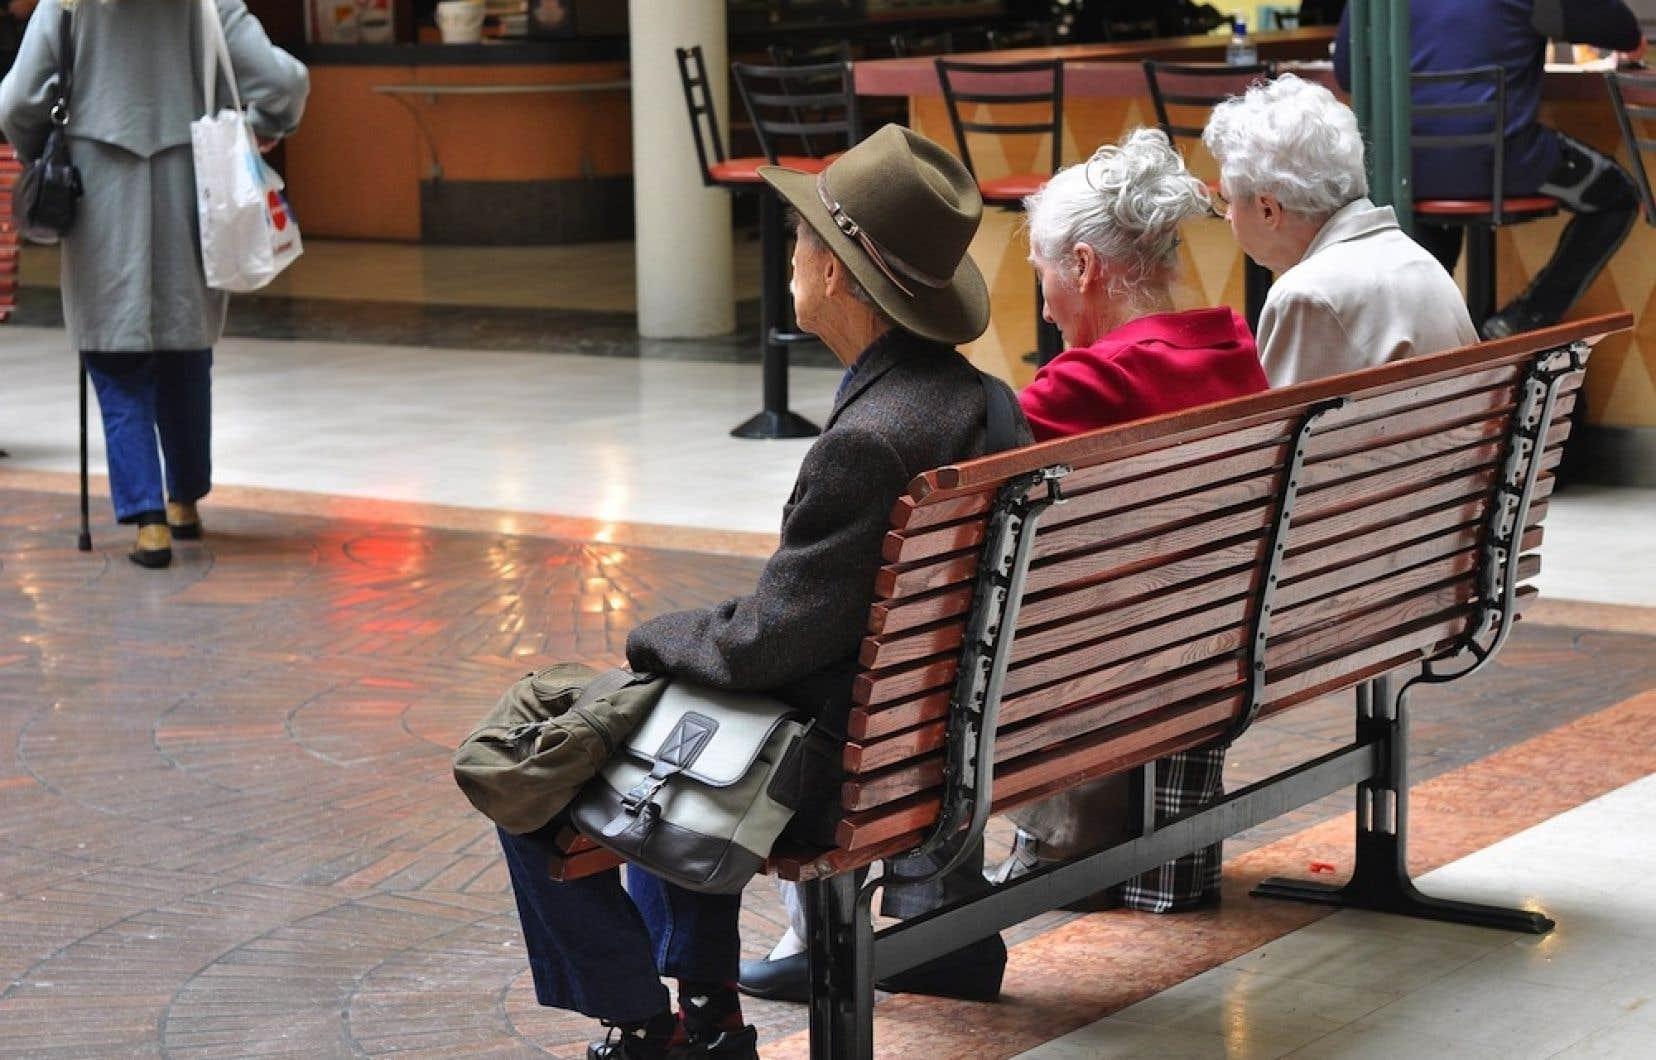 Selon les conclusions d'un sondage en ligne mené pour ING Direct et publiées lundi par Canadian Press, 31 % des répondants retraités ont souligné être revenus sur le marché du travail.